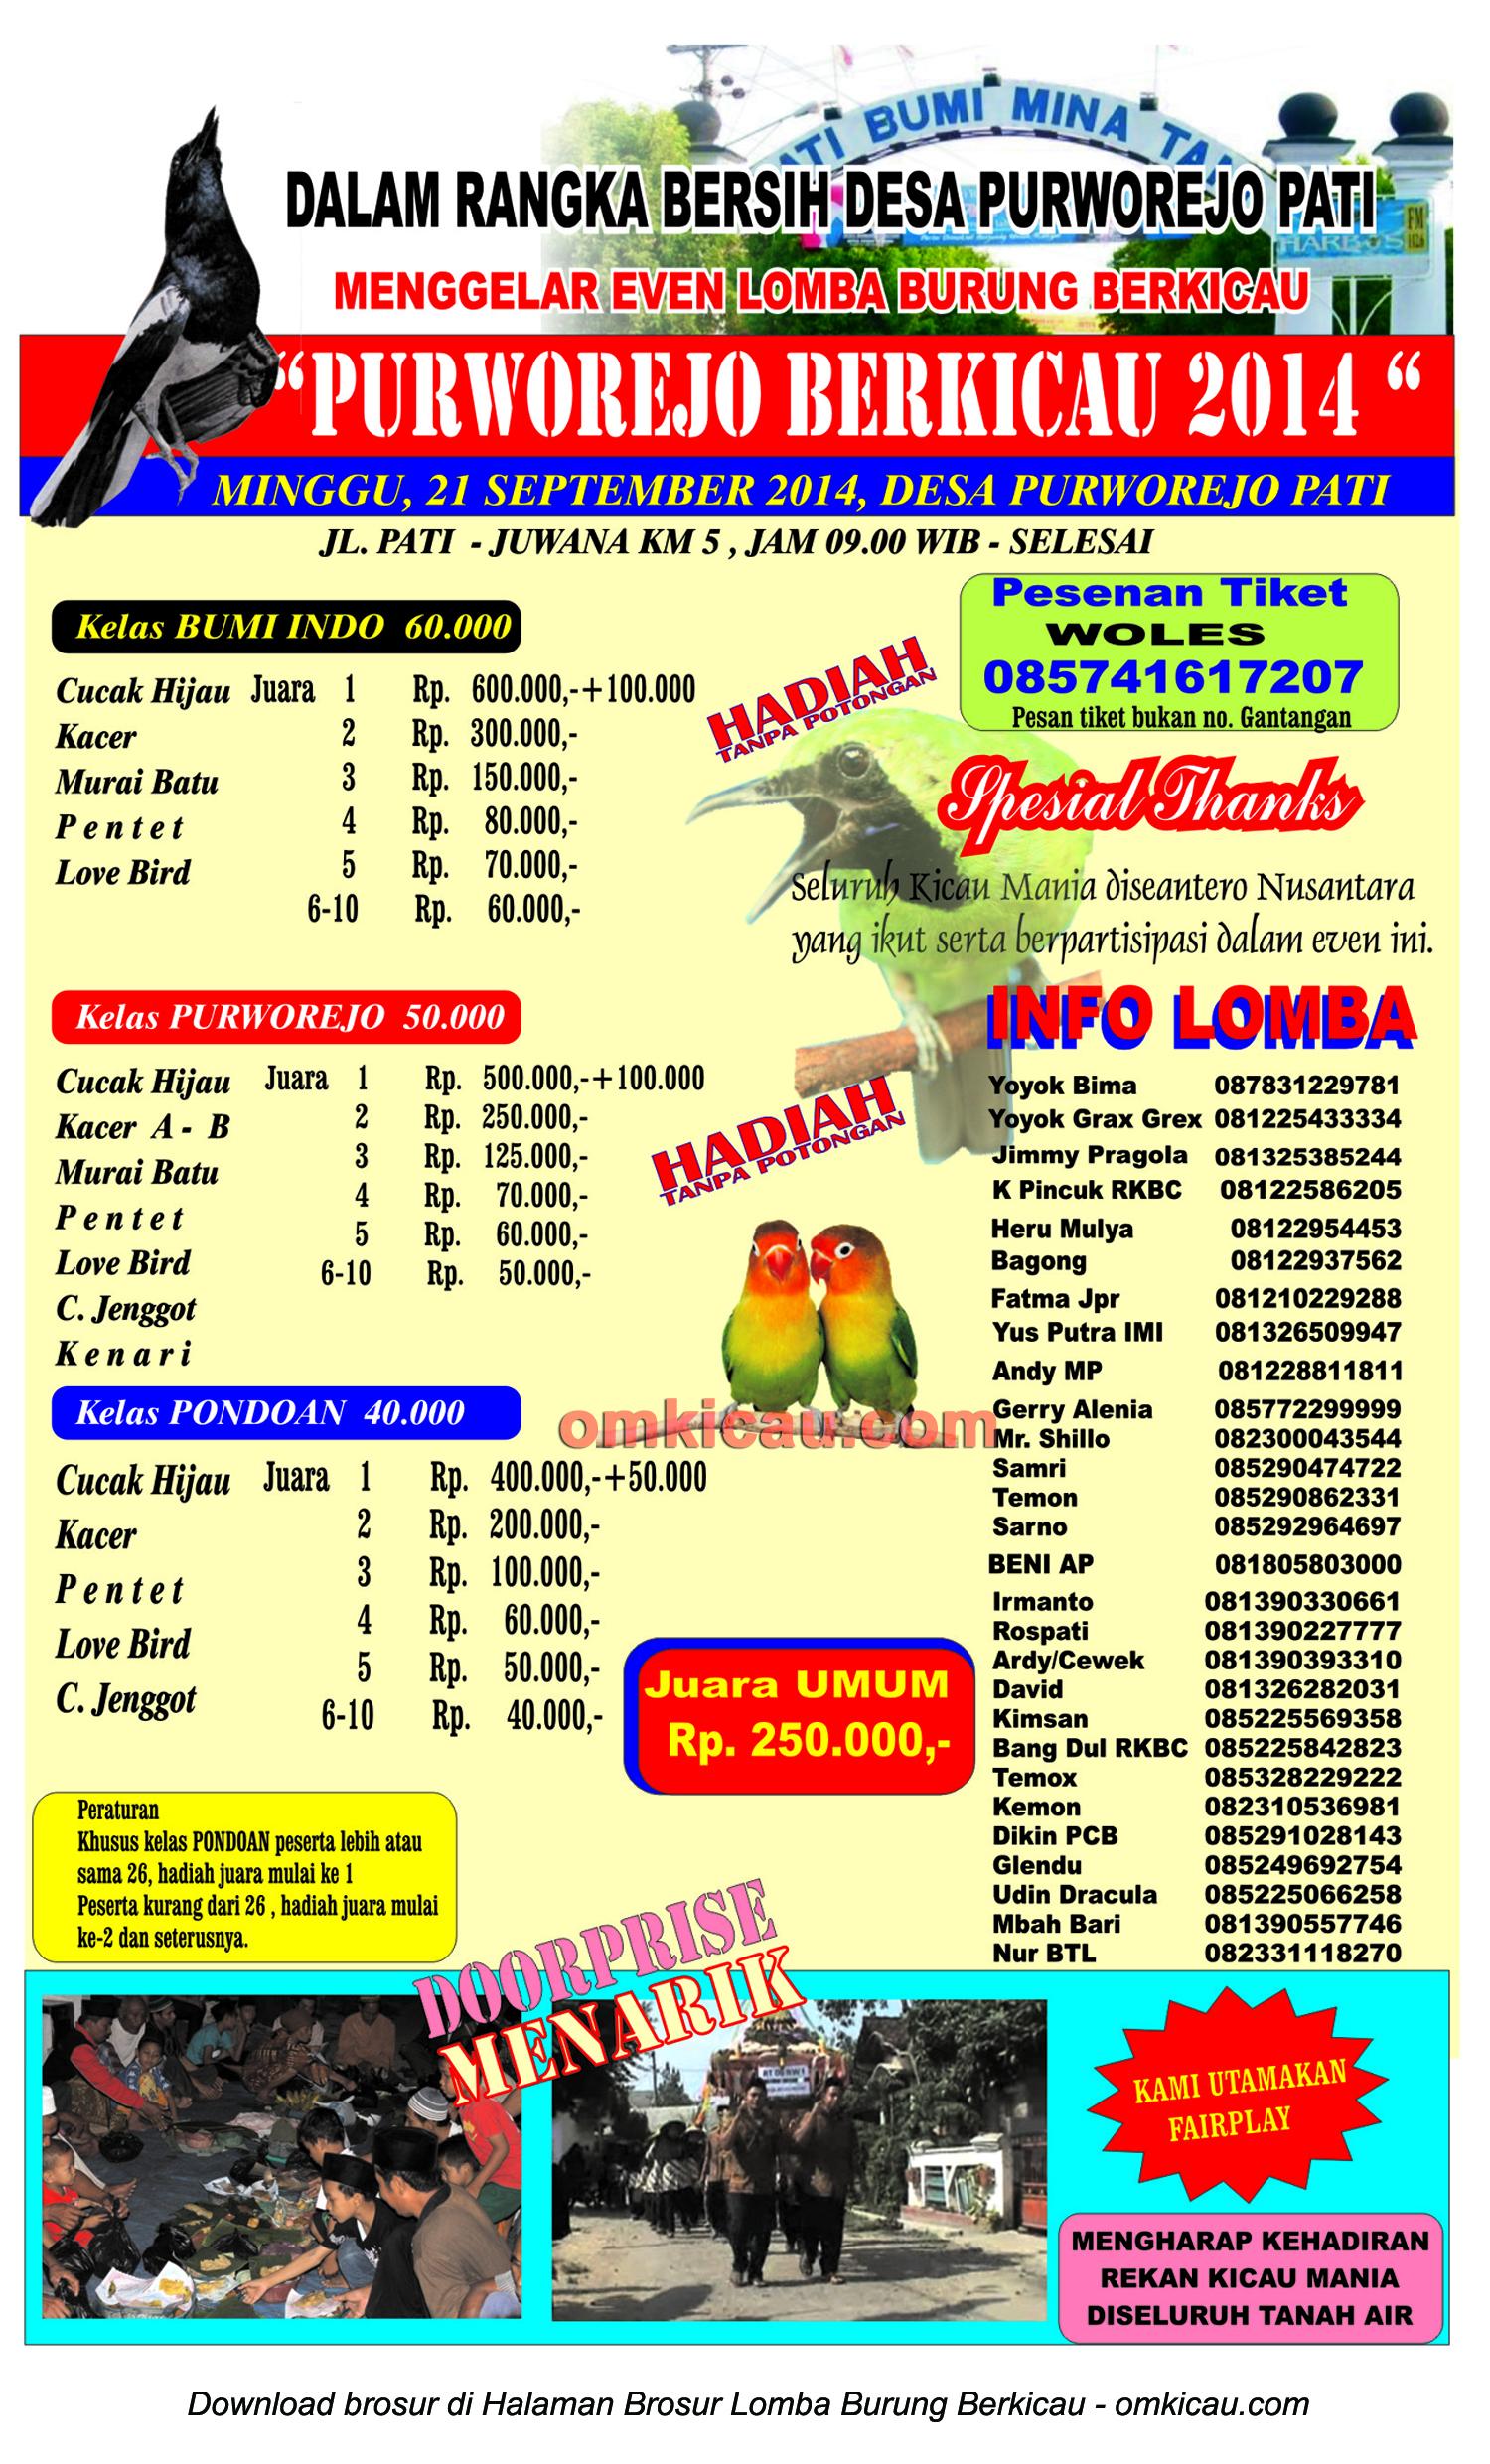 Brosur Lomba Burung Purworejo Berkicau 2014, Kab Pati, 21 September 2014